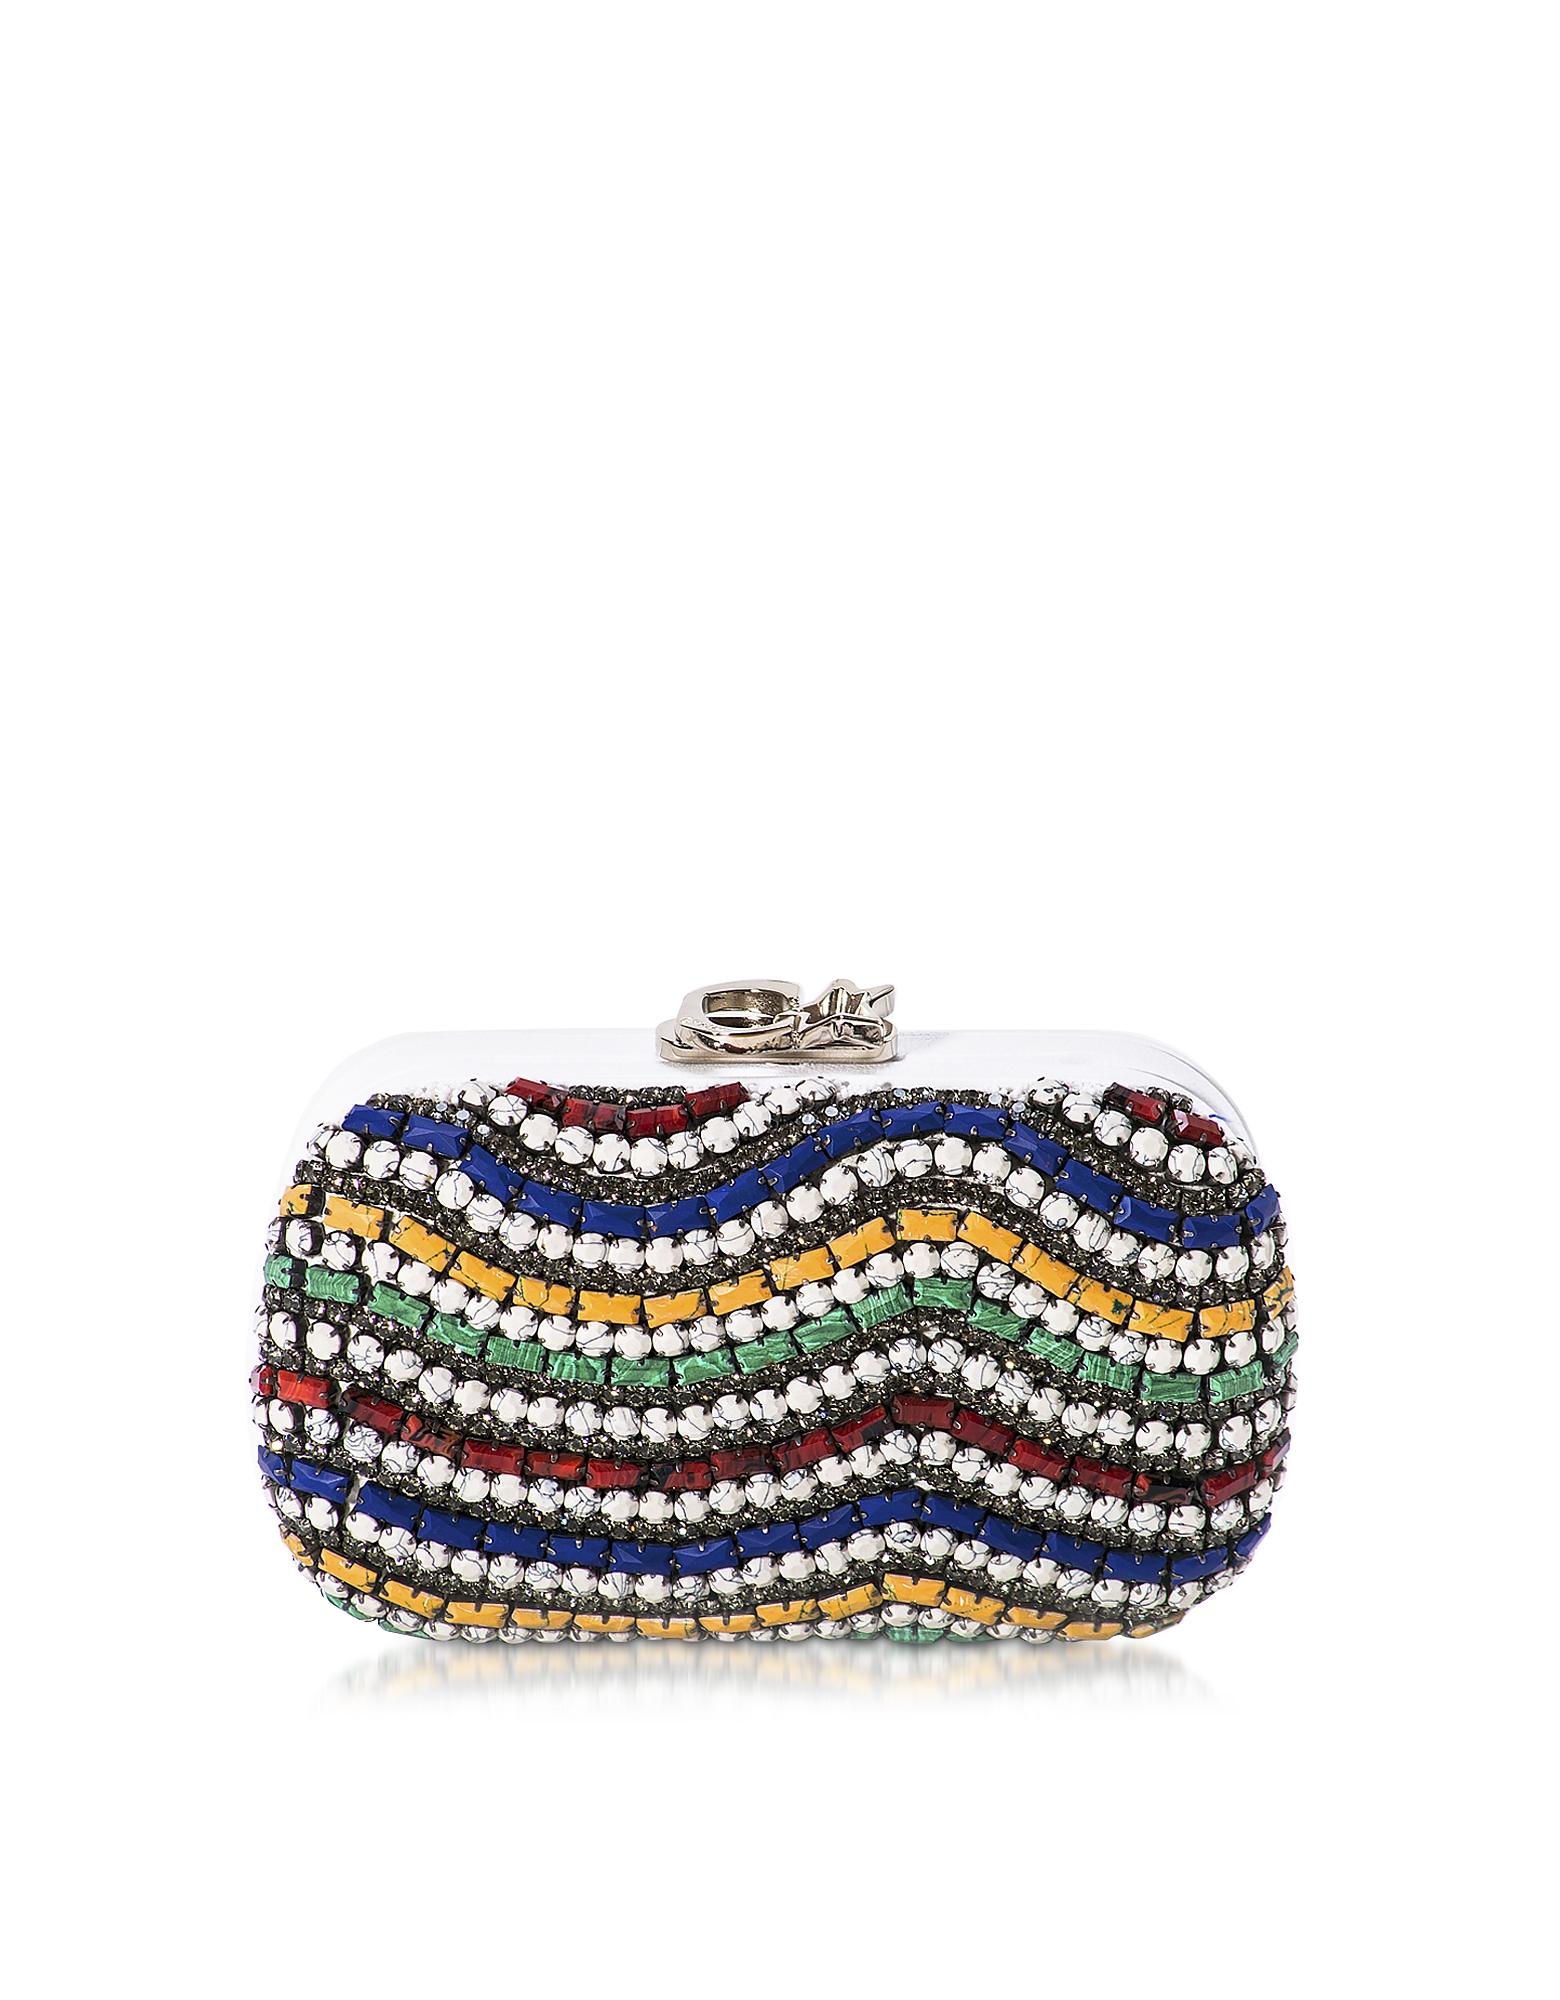 Corto Moltedo  Handbags Susan C Star White Nappa Leather and Multicolor Stones Pochette w/Chain Strap